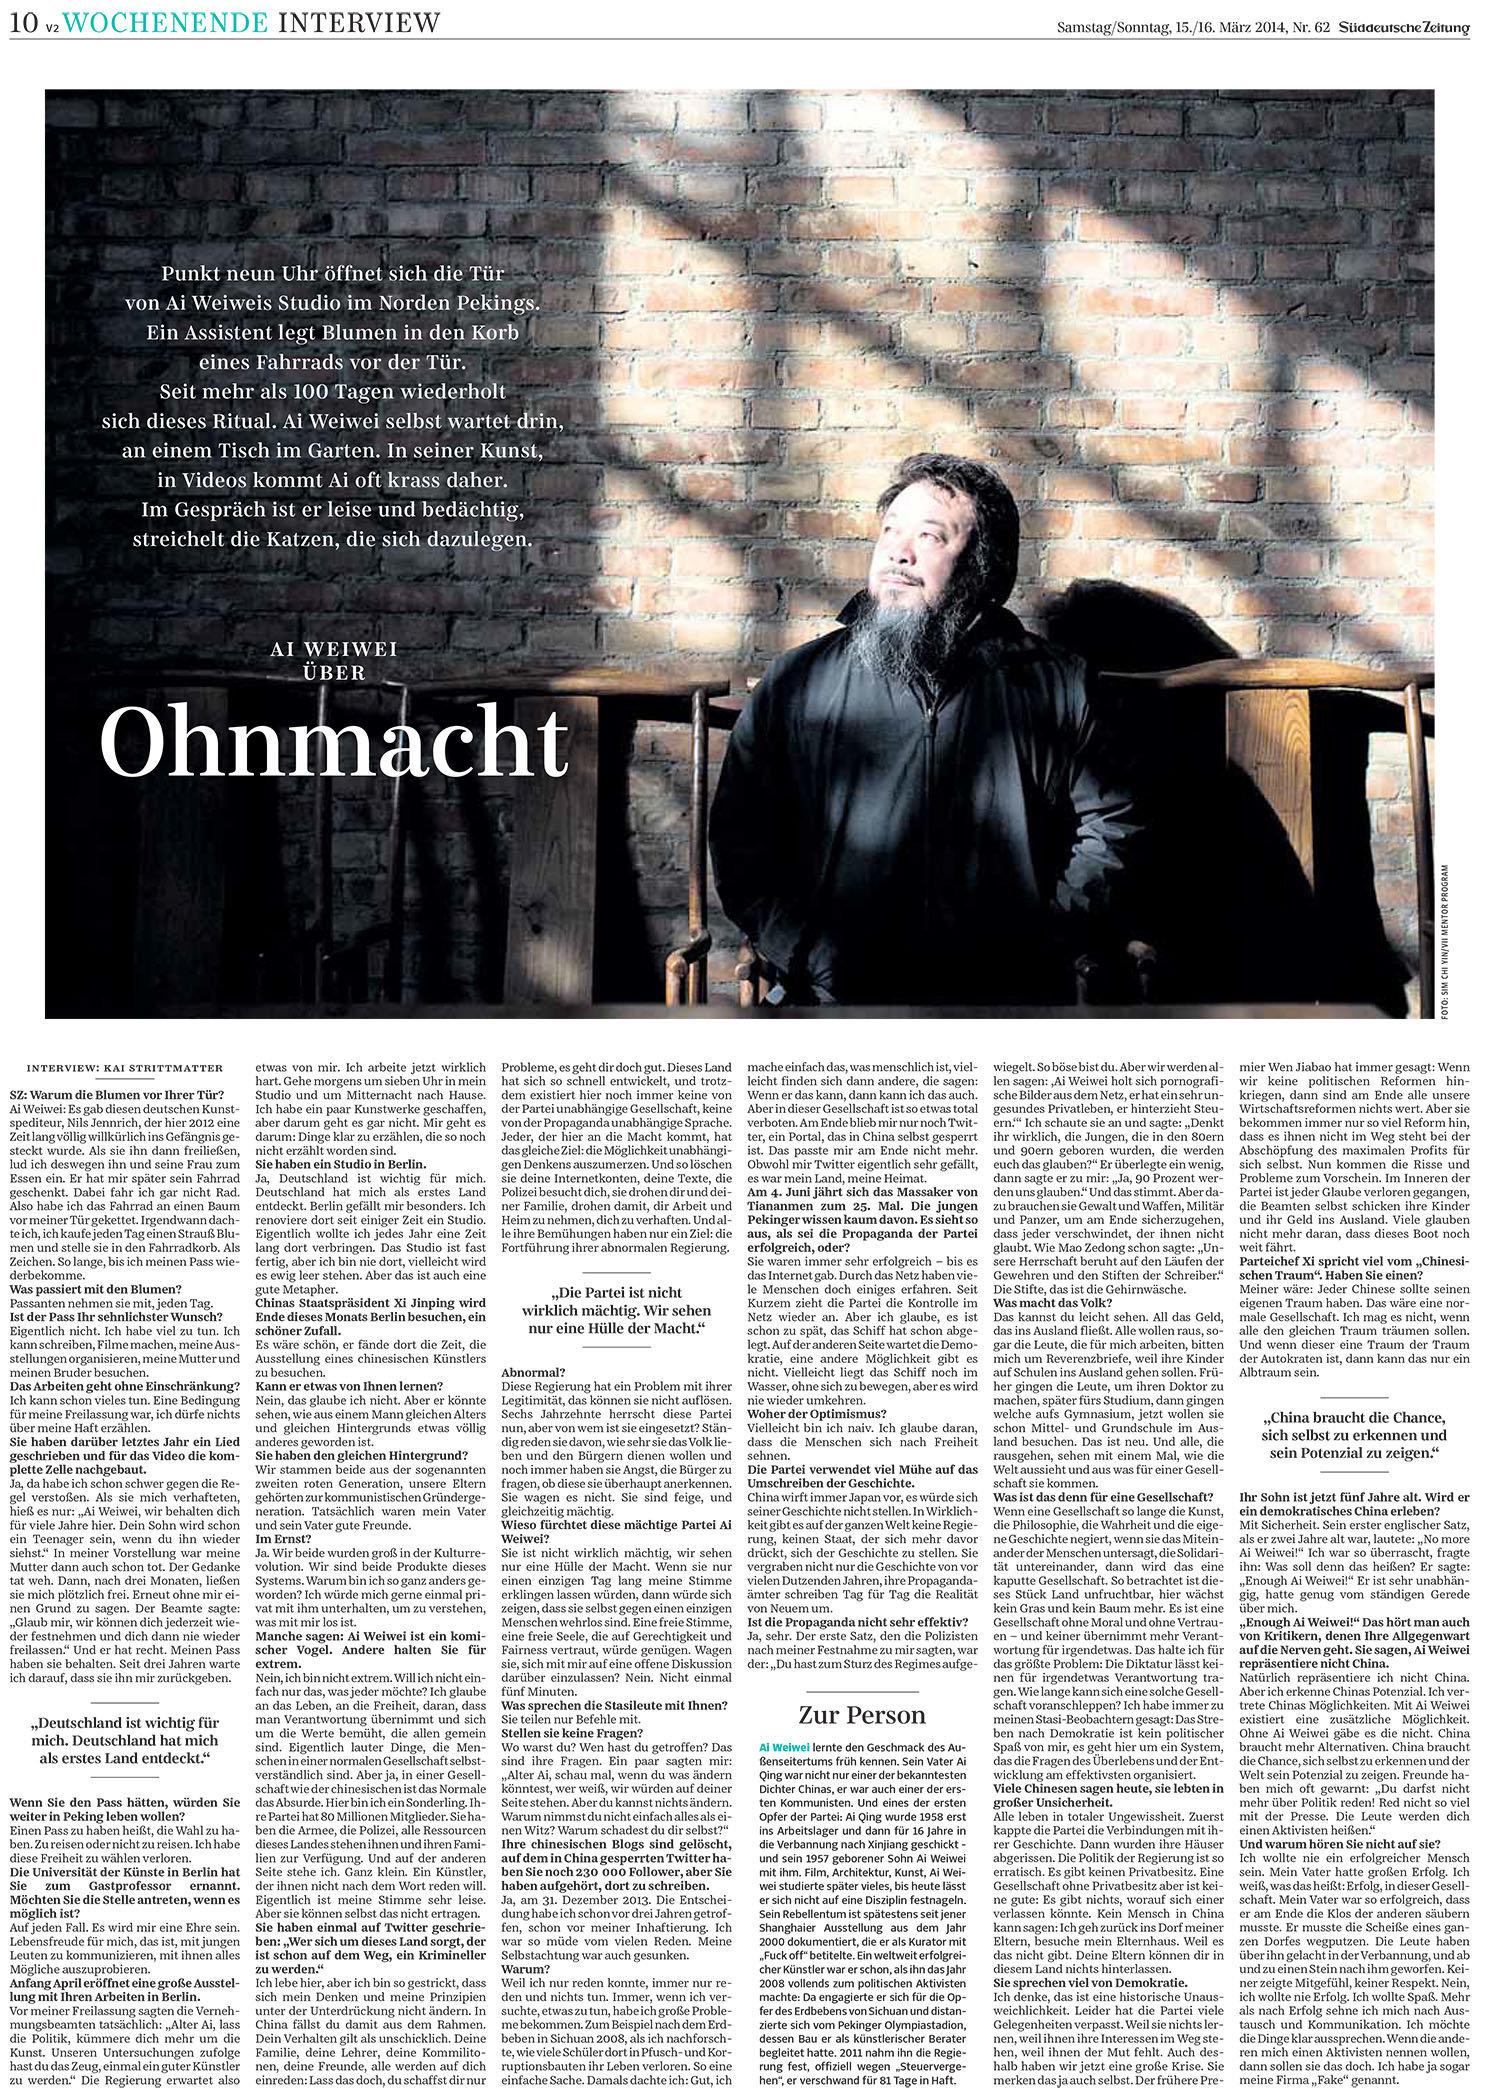 Süddeutsche Zeitung, March 2014, Portrait of Ai Weiwei